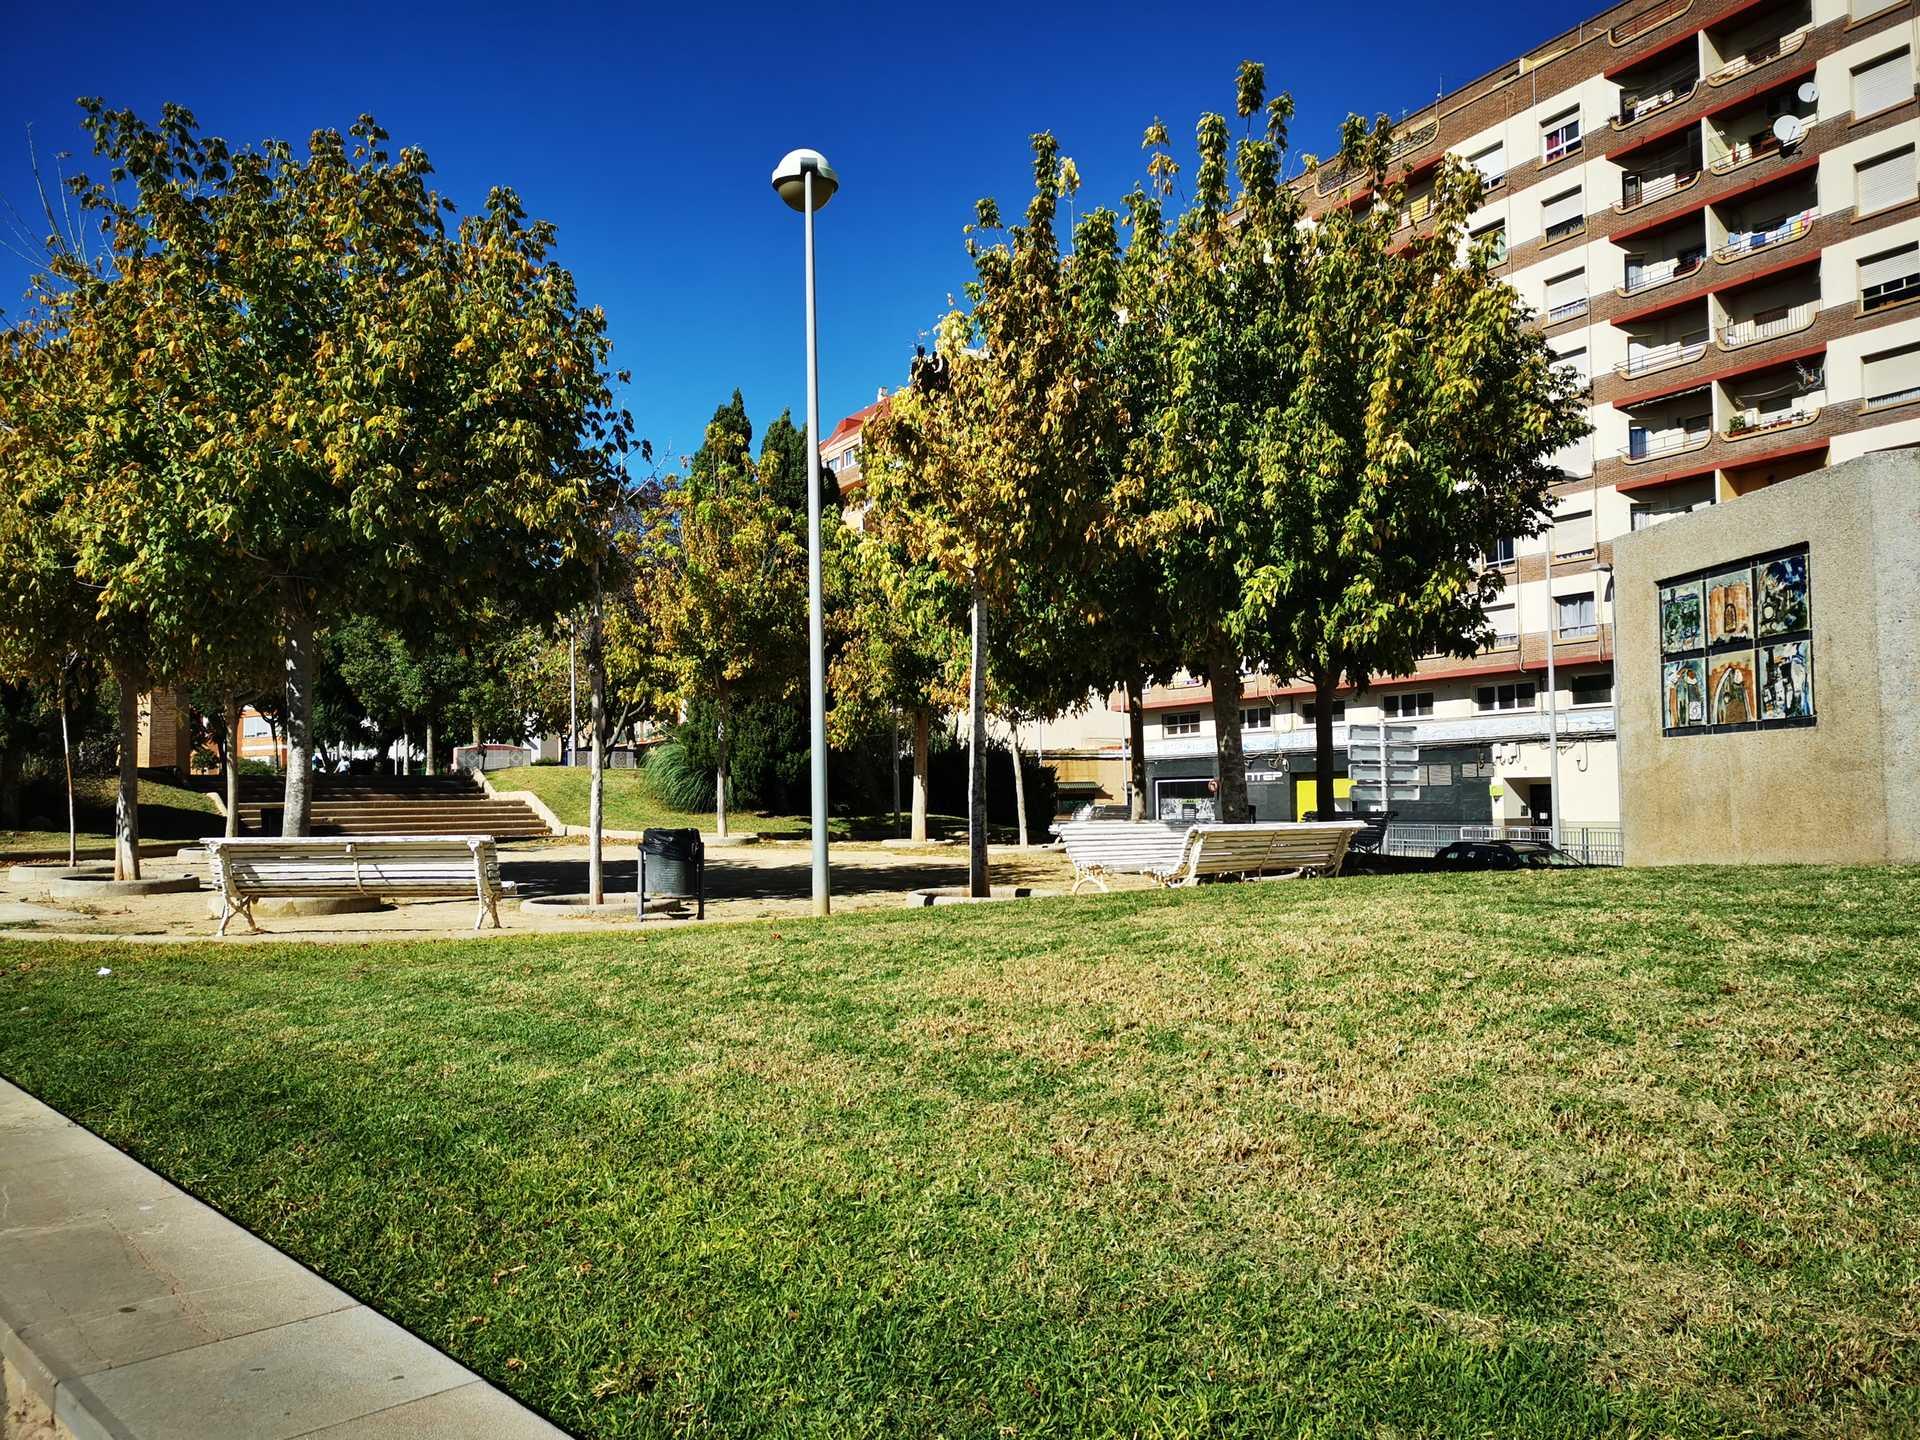 Parc de la Panderola